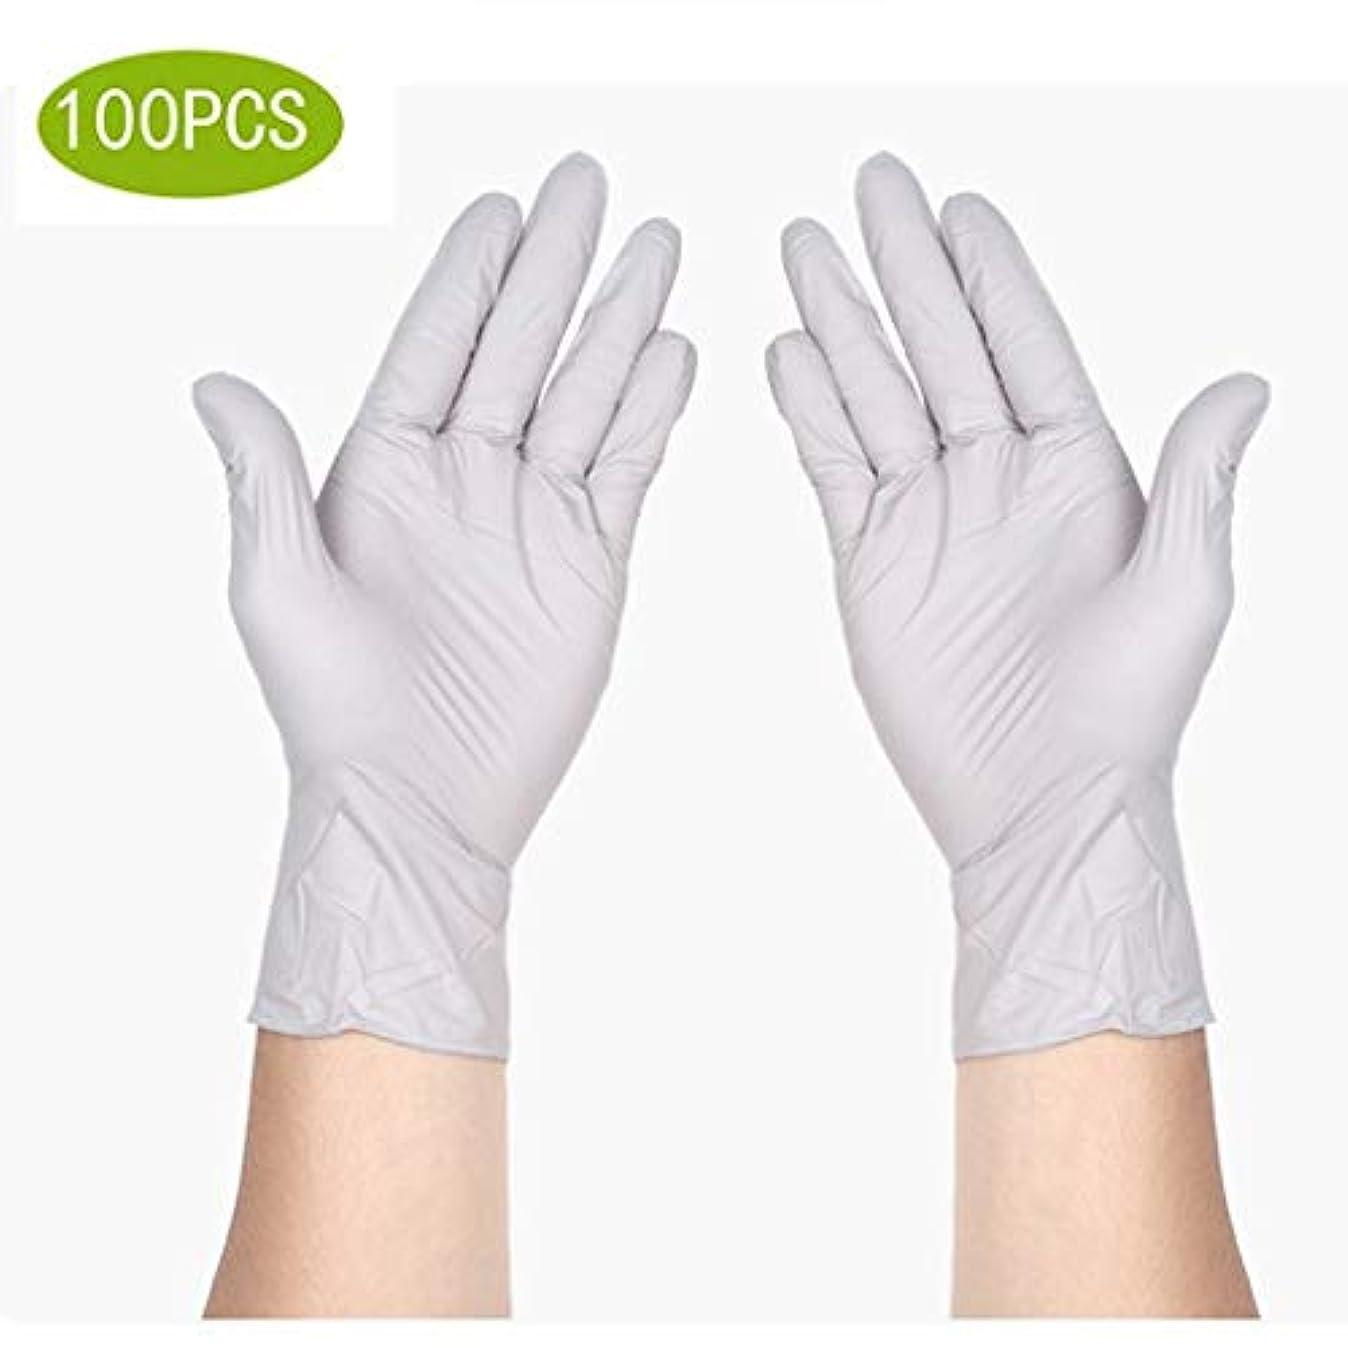 小人トムオードリースドリンクサニタリー手袋ニトリル医療グレード試験用手袋、使い捨て、ラテックスフリー、100カウント滅菌使い捨て安全手袋 (Size : L)